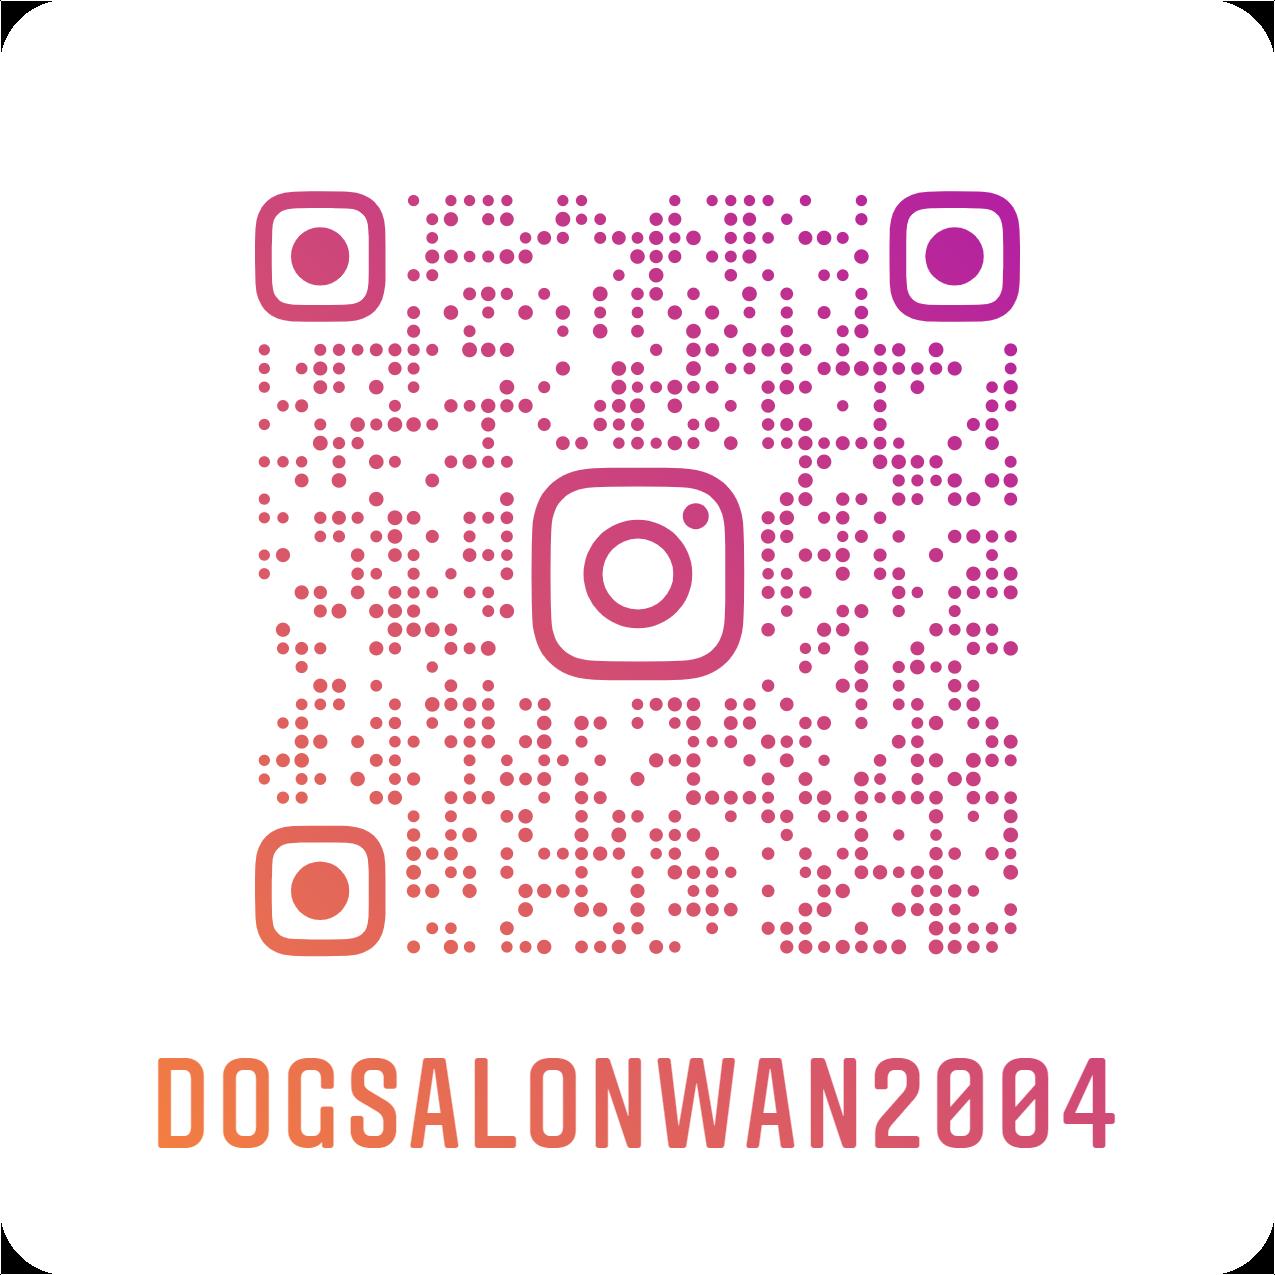 dogsalonwan2004_nametag_20210516141410078.png